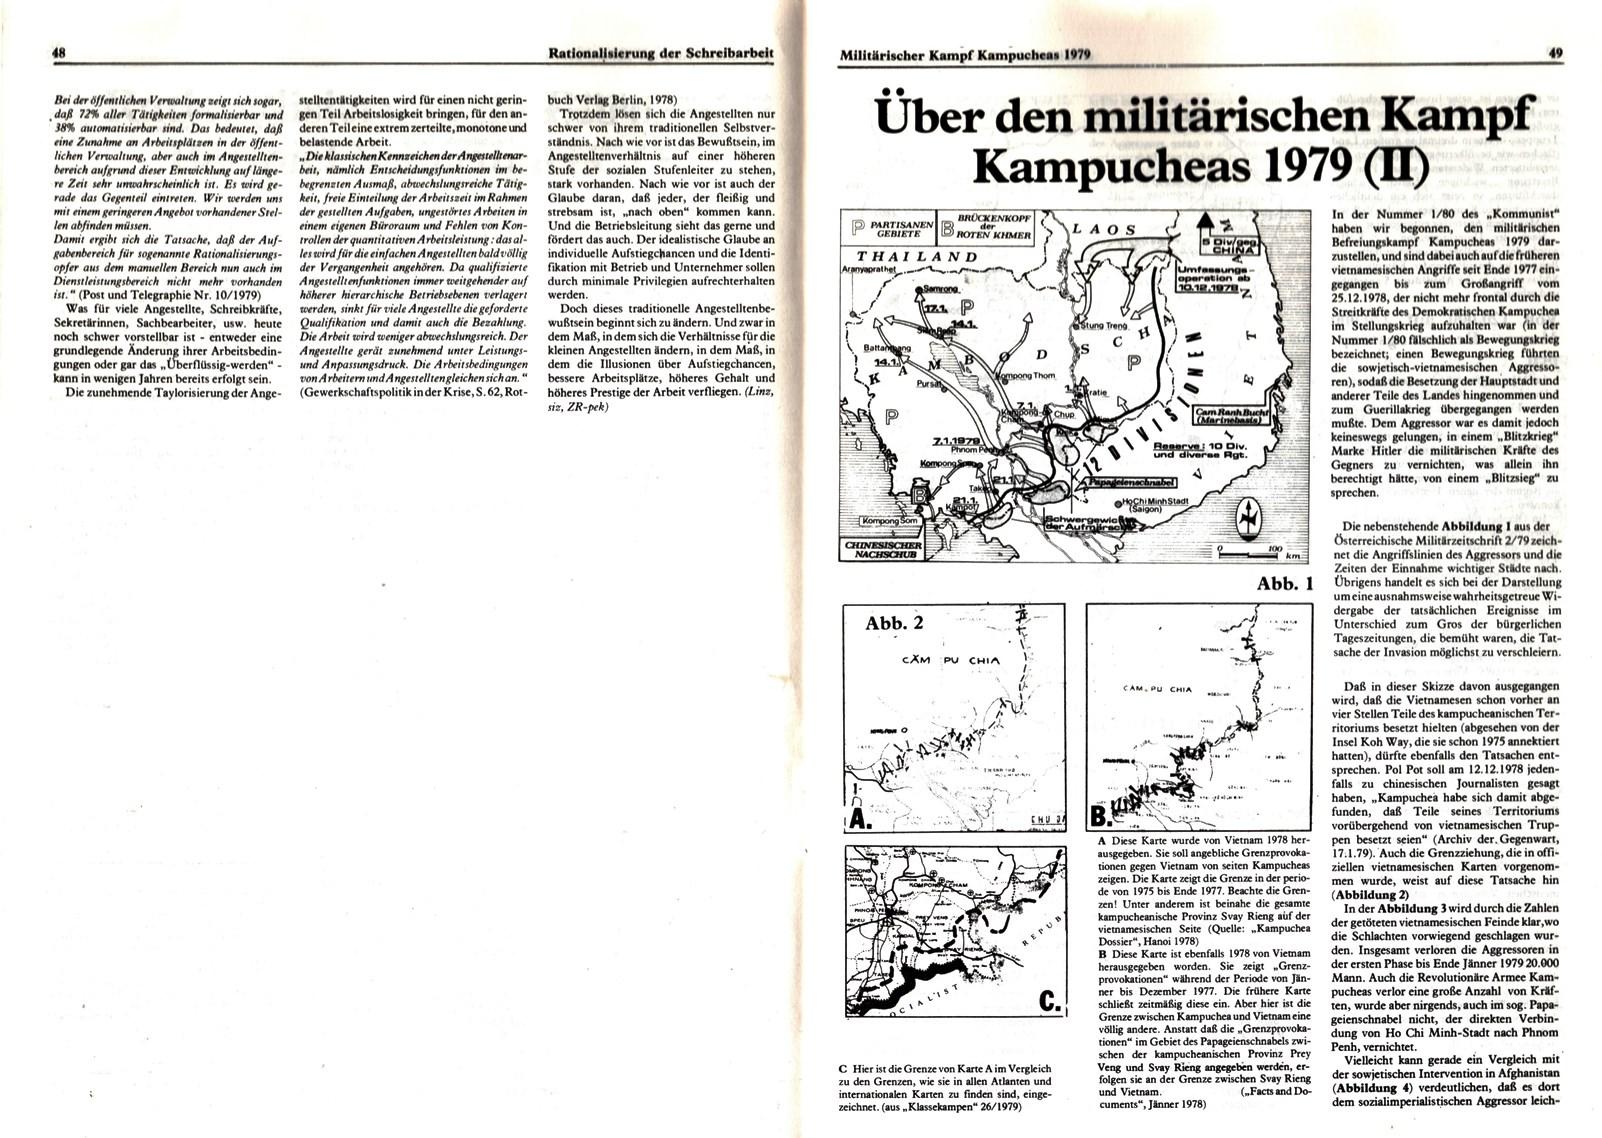 KBOe_TO_Kommunist_19800200_002_008